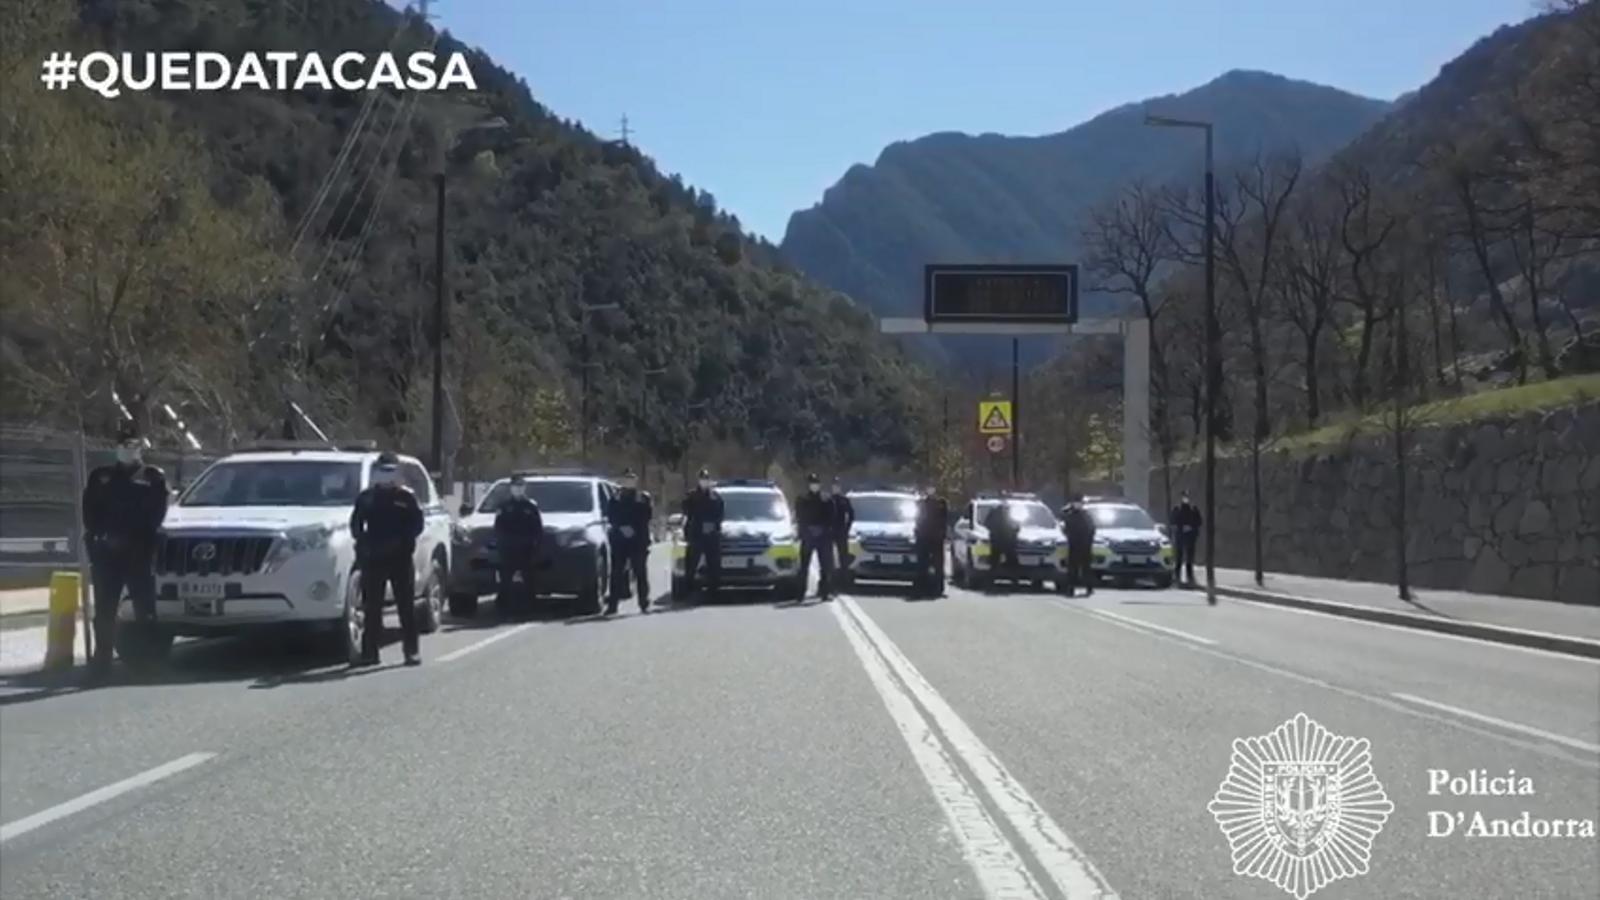 Efectius policials destinats per fer controls a les carreteres